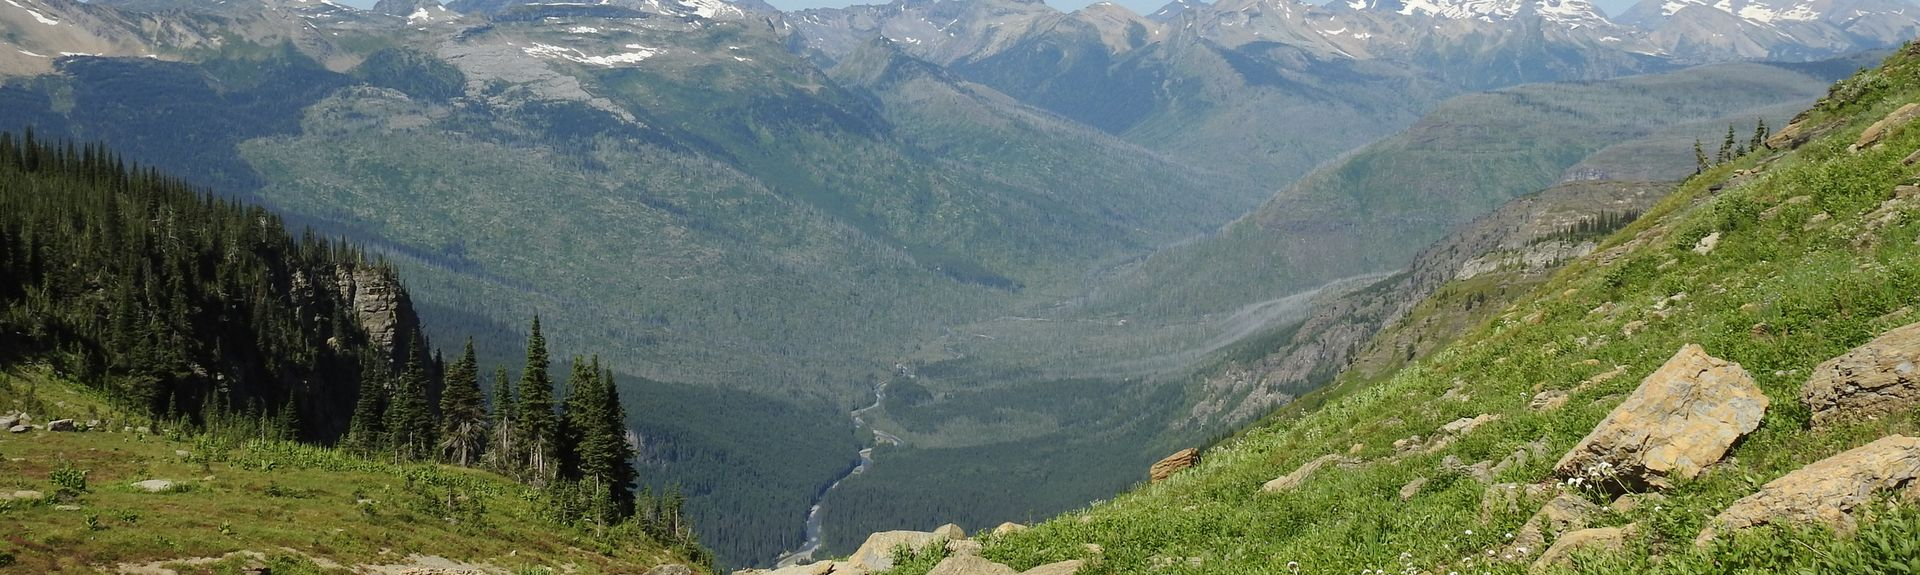 Σταθμός του Γουέστ Γκλέσιερ, West Glacier, Μοντάνα, Ηνωμένες Πολιτείες